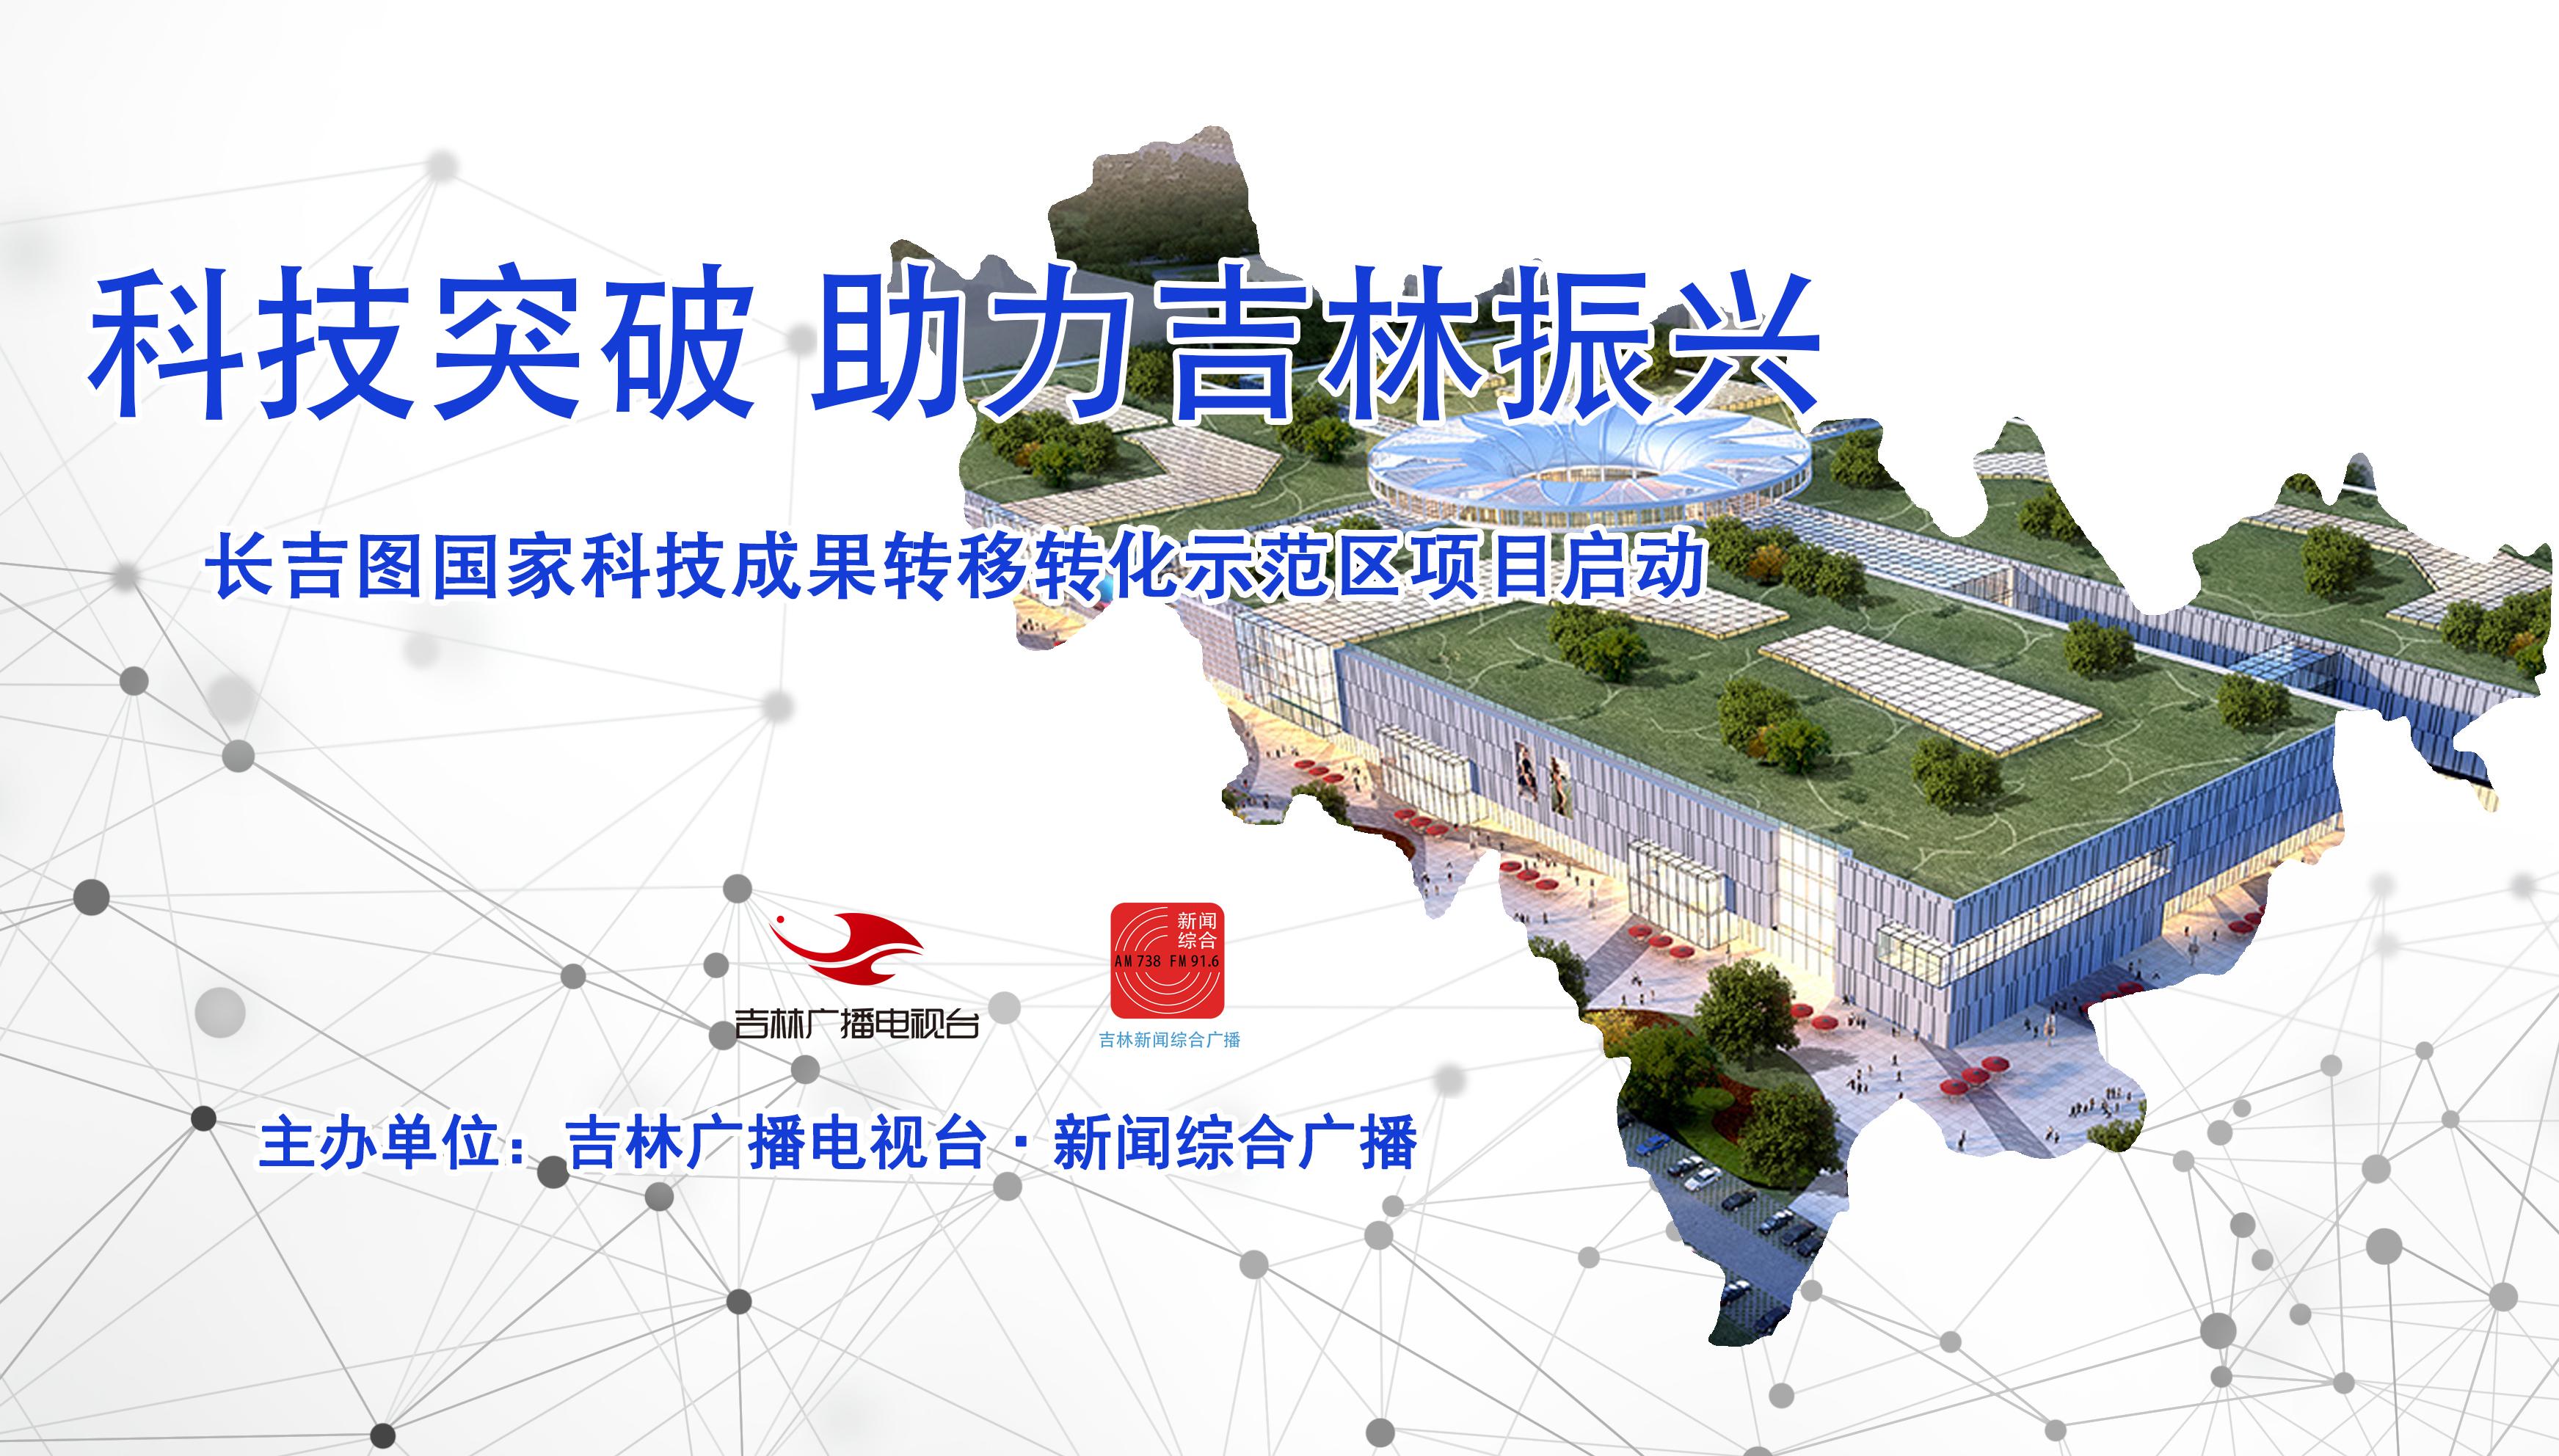 科技突破 助力吉林振兴——长吉图国家科技成果转移转化示范区项目启动